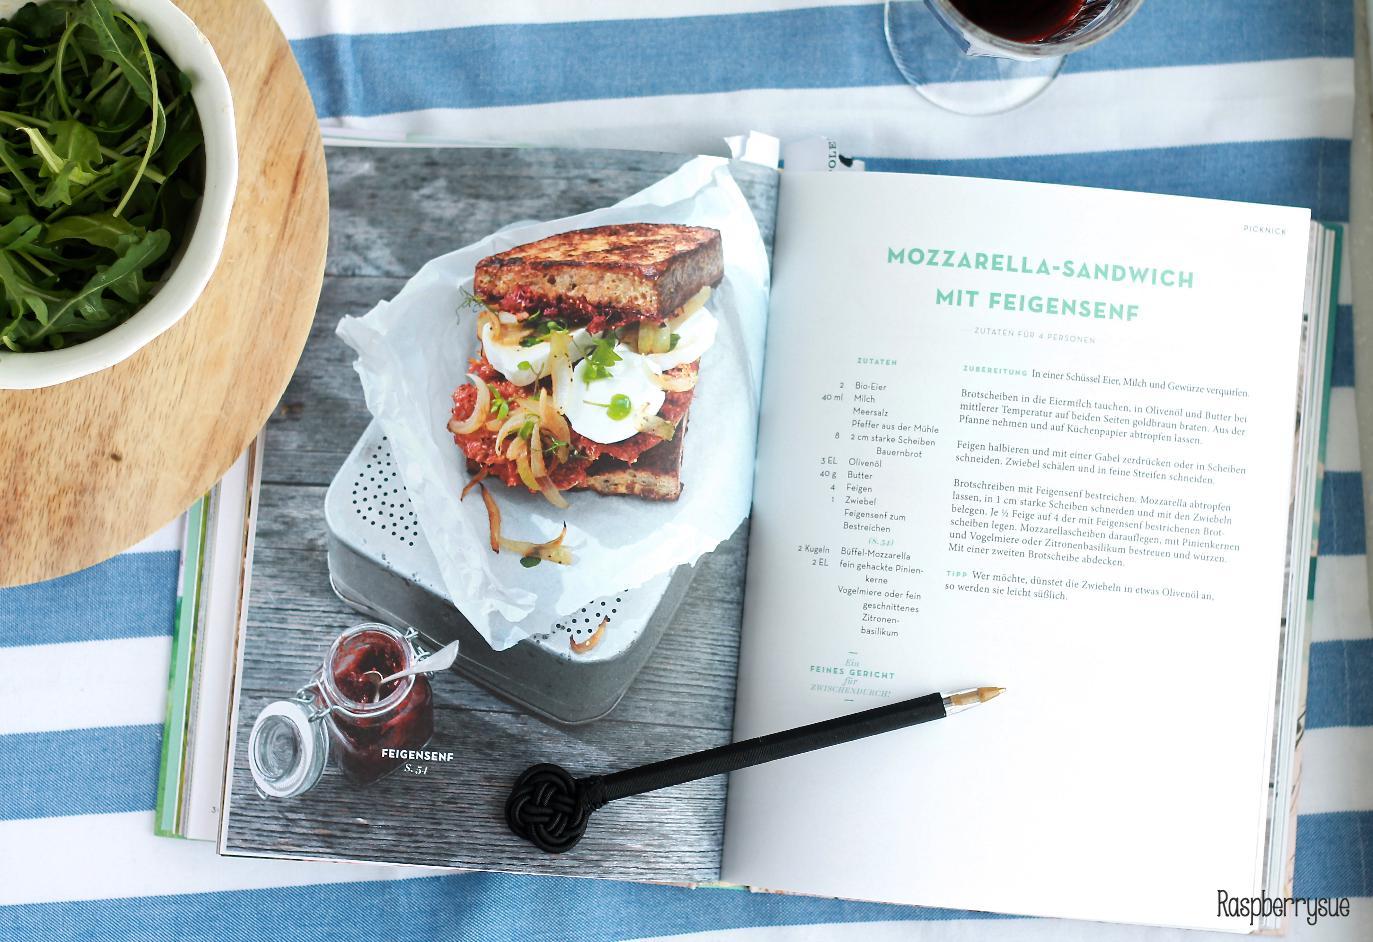 Vegetarische Sommerküche Paul Ivic : Neuerscheinung} vegetarische sommerküche u2013 raspberrysue